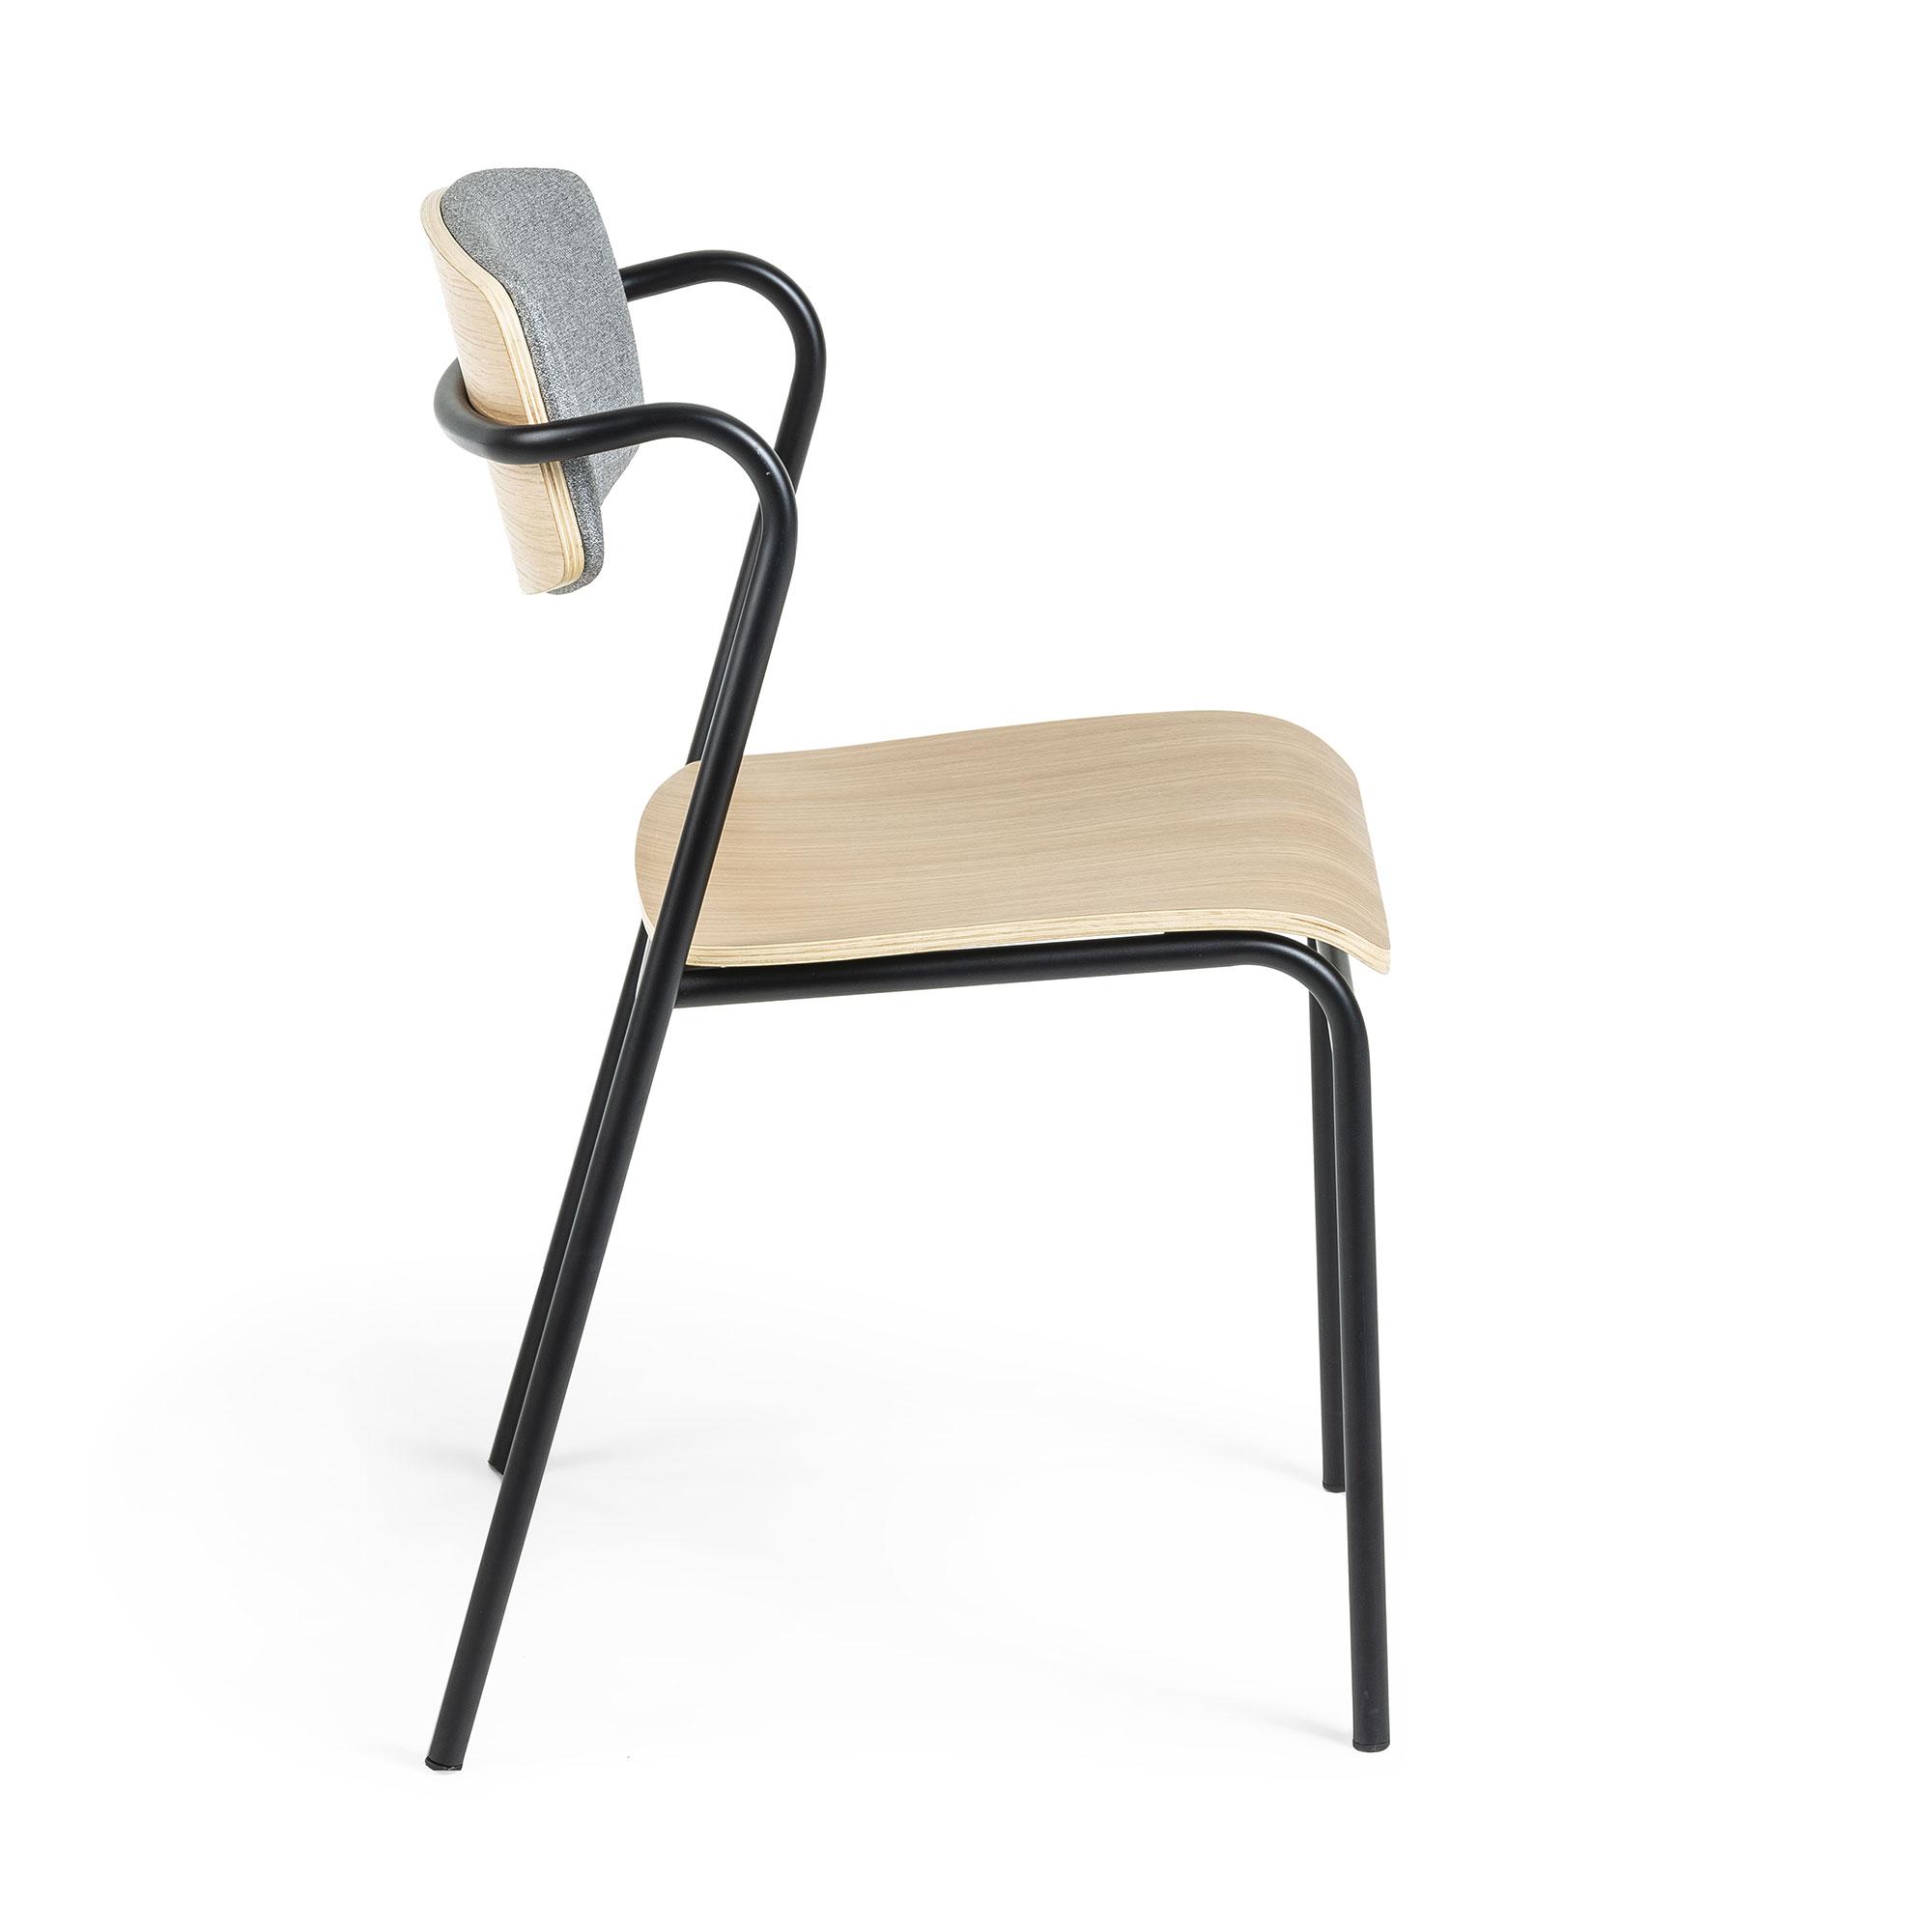 Zaha stoel van eikenhout, grijze stof en zwart metaal